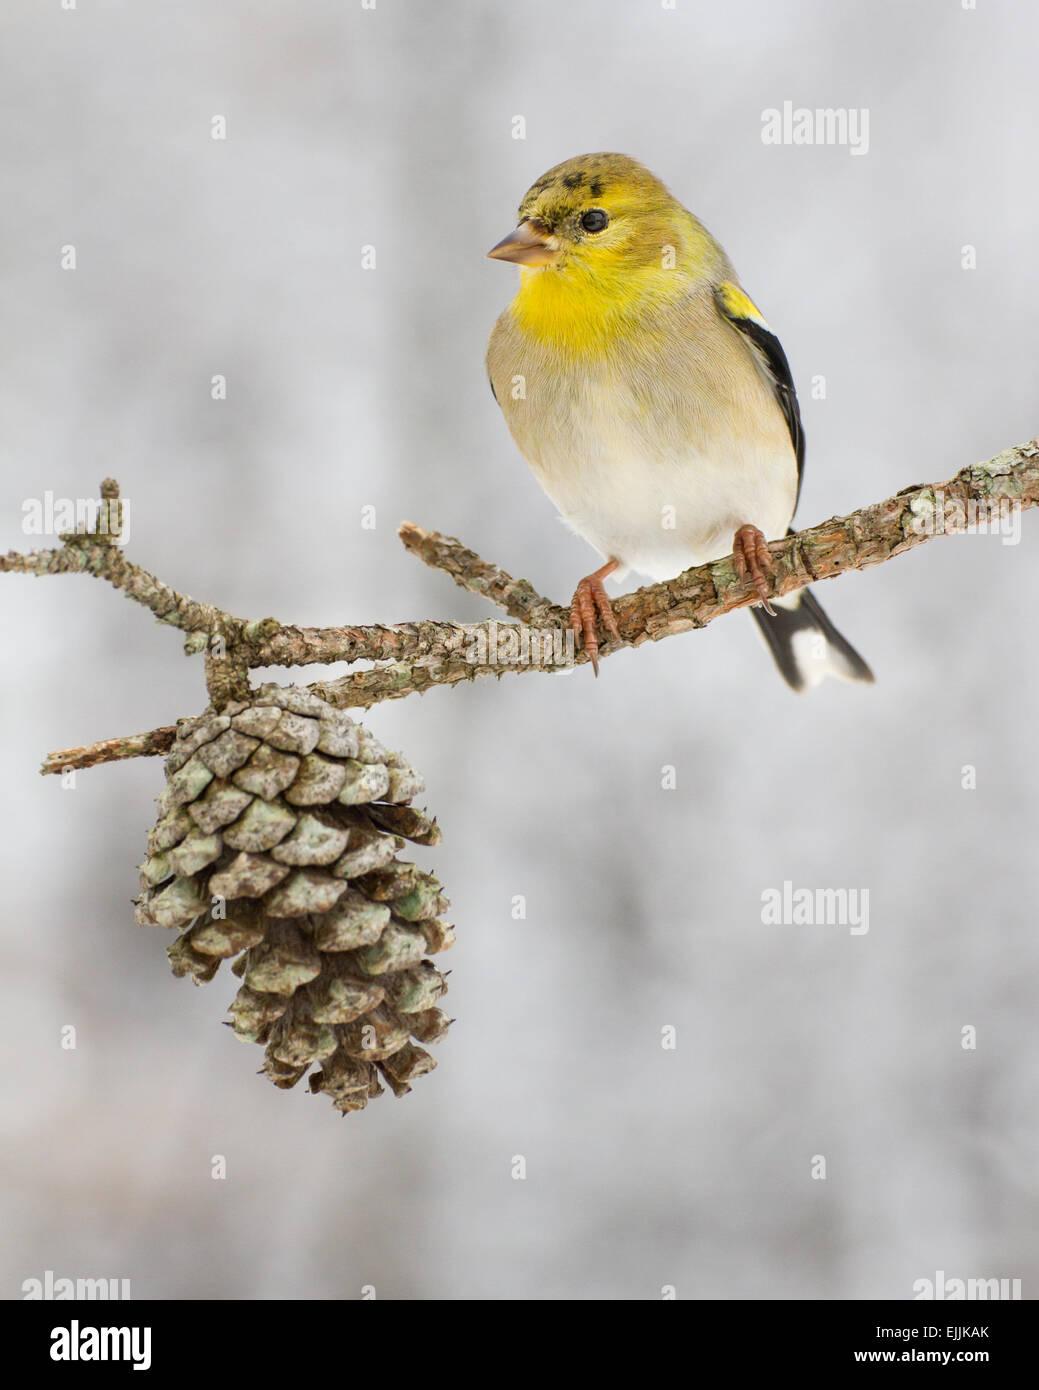 Un american gold finch posado después de una tormenta de nieve en Carolina del Norte. Imagen De Stock